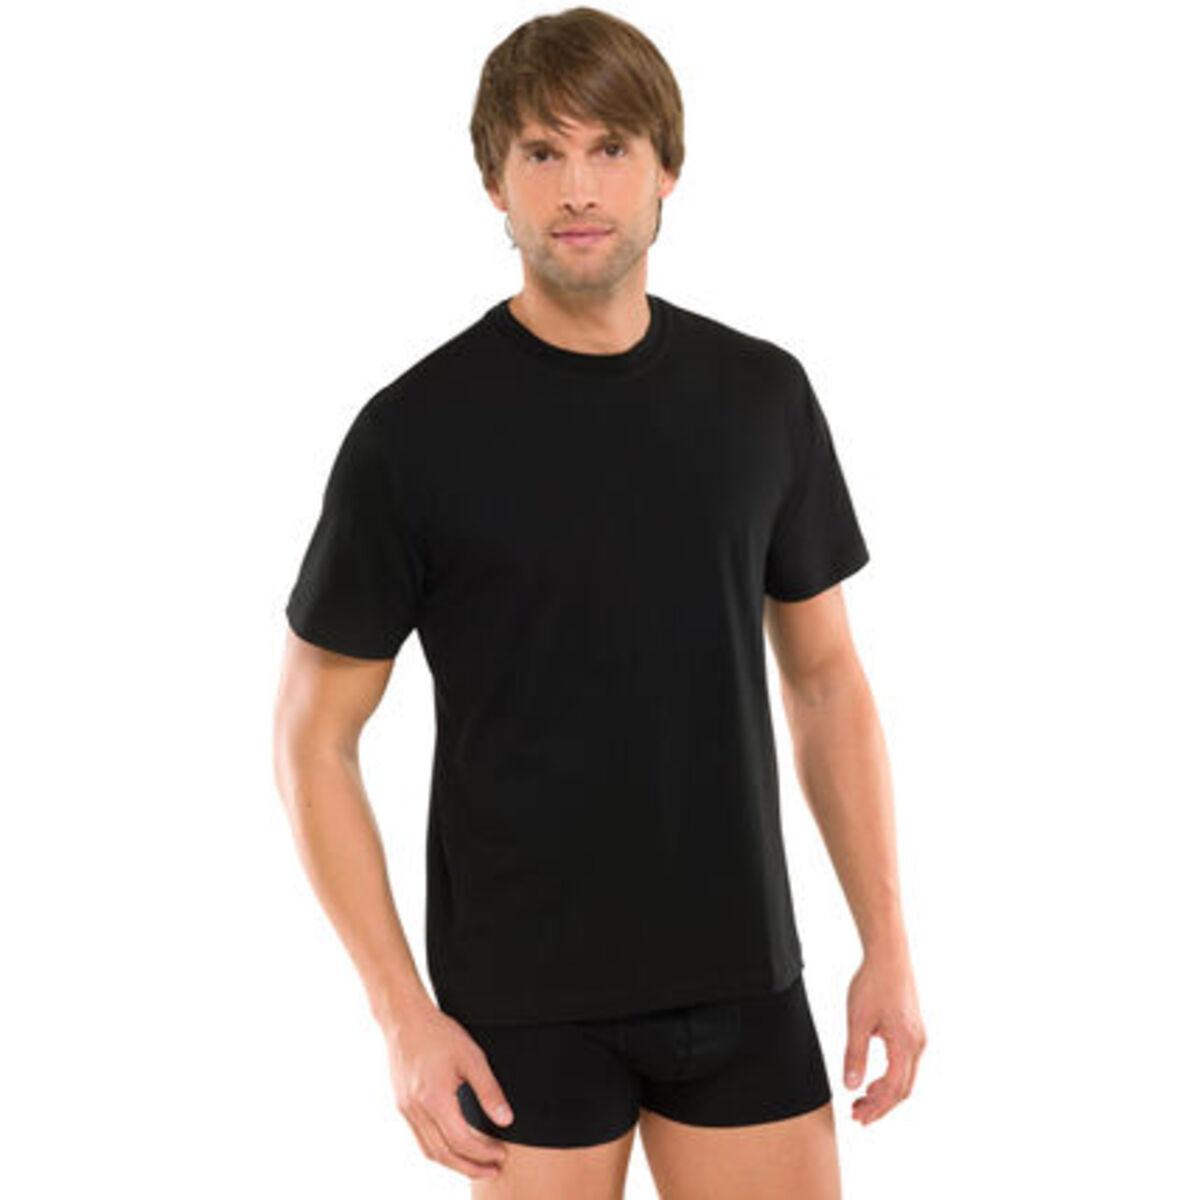 Bild 1 von Schiesser American T-Shirt, 2er-Pack, Rundhalsausschnitt, für Herren